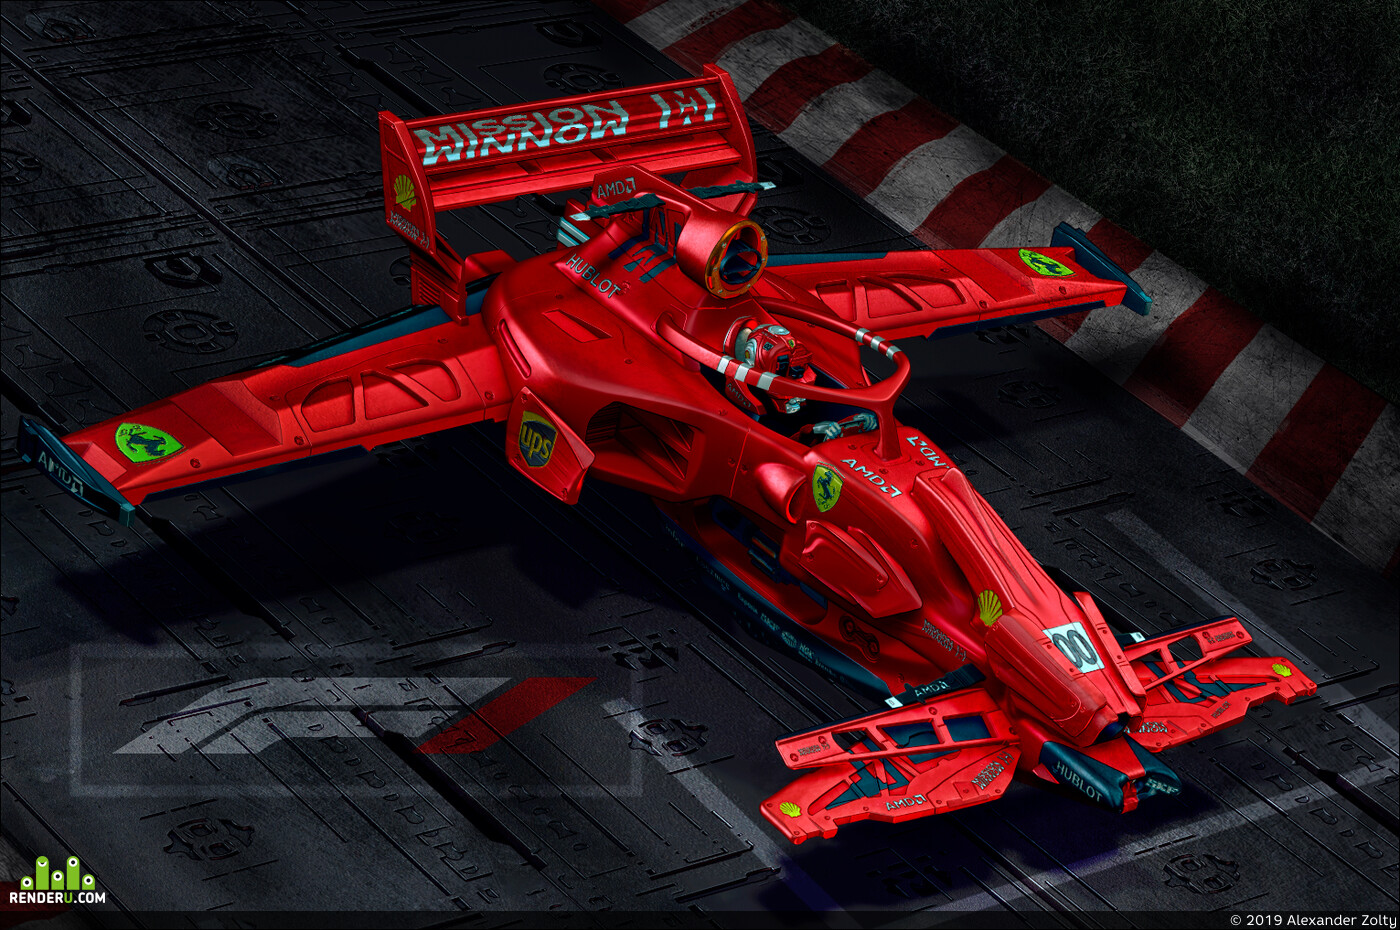 formula1, sport car, Car / motorcycle, ZBrush, Adobe Photoshop